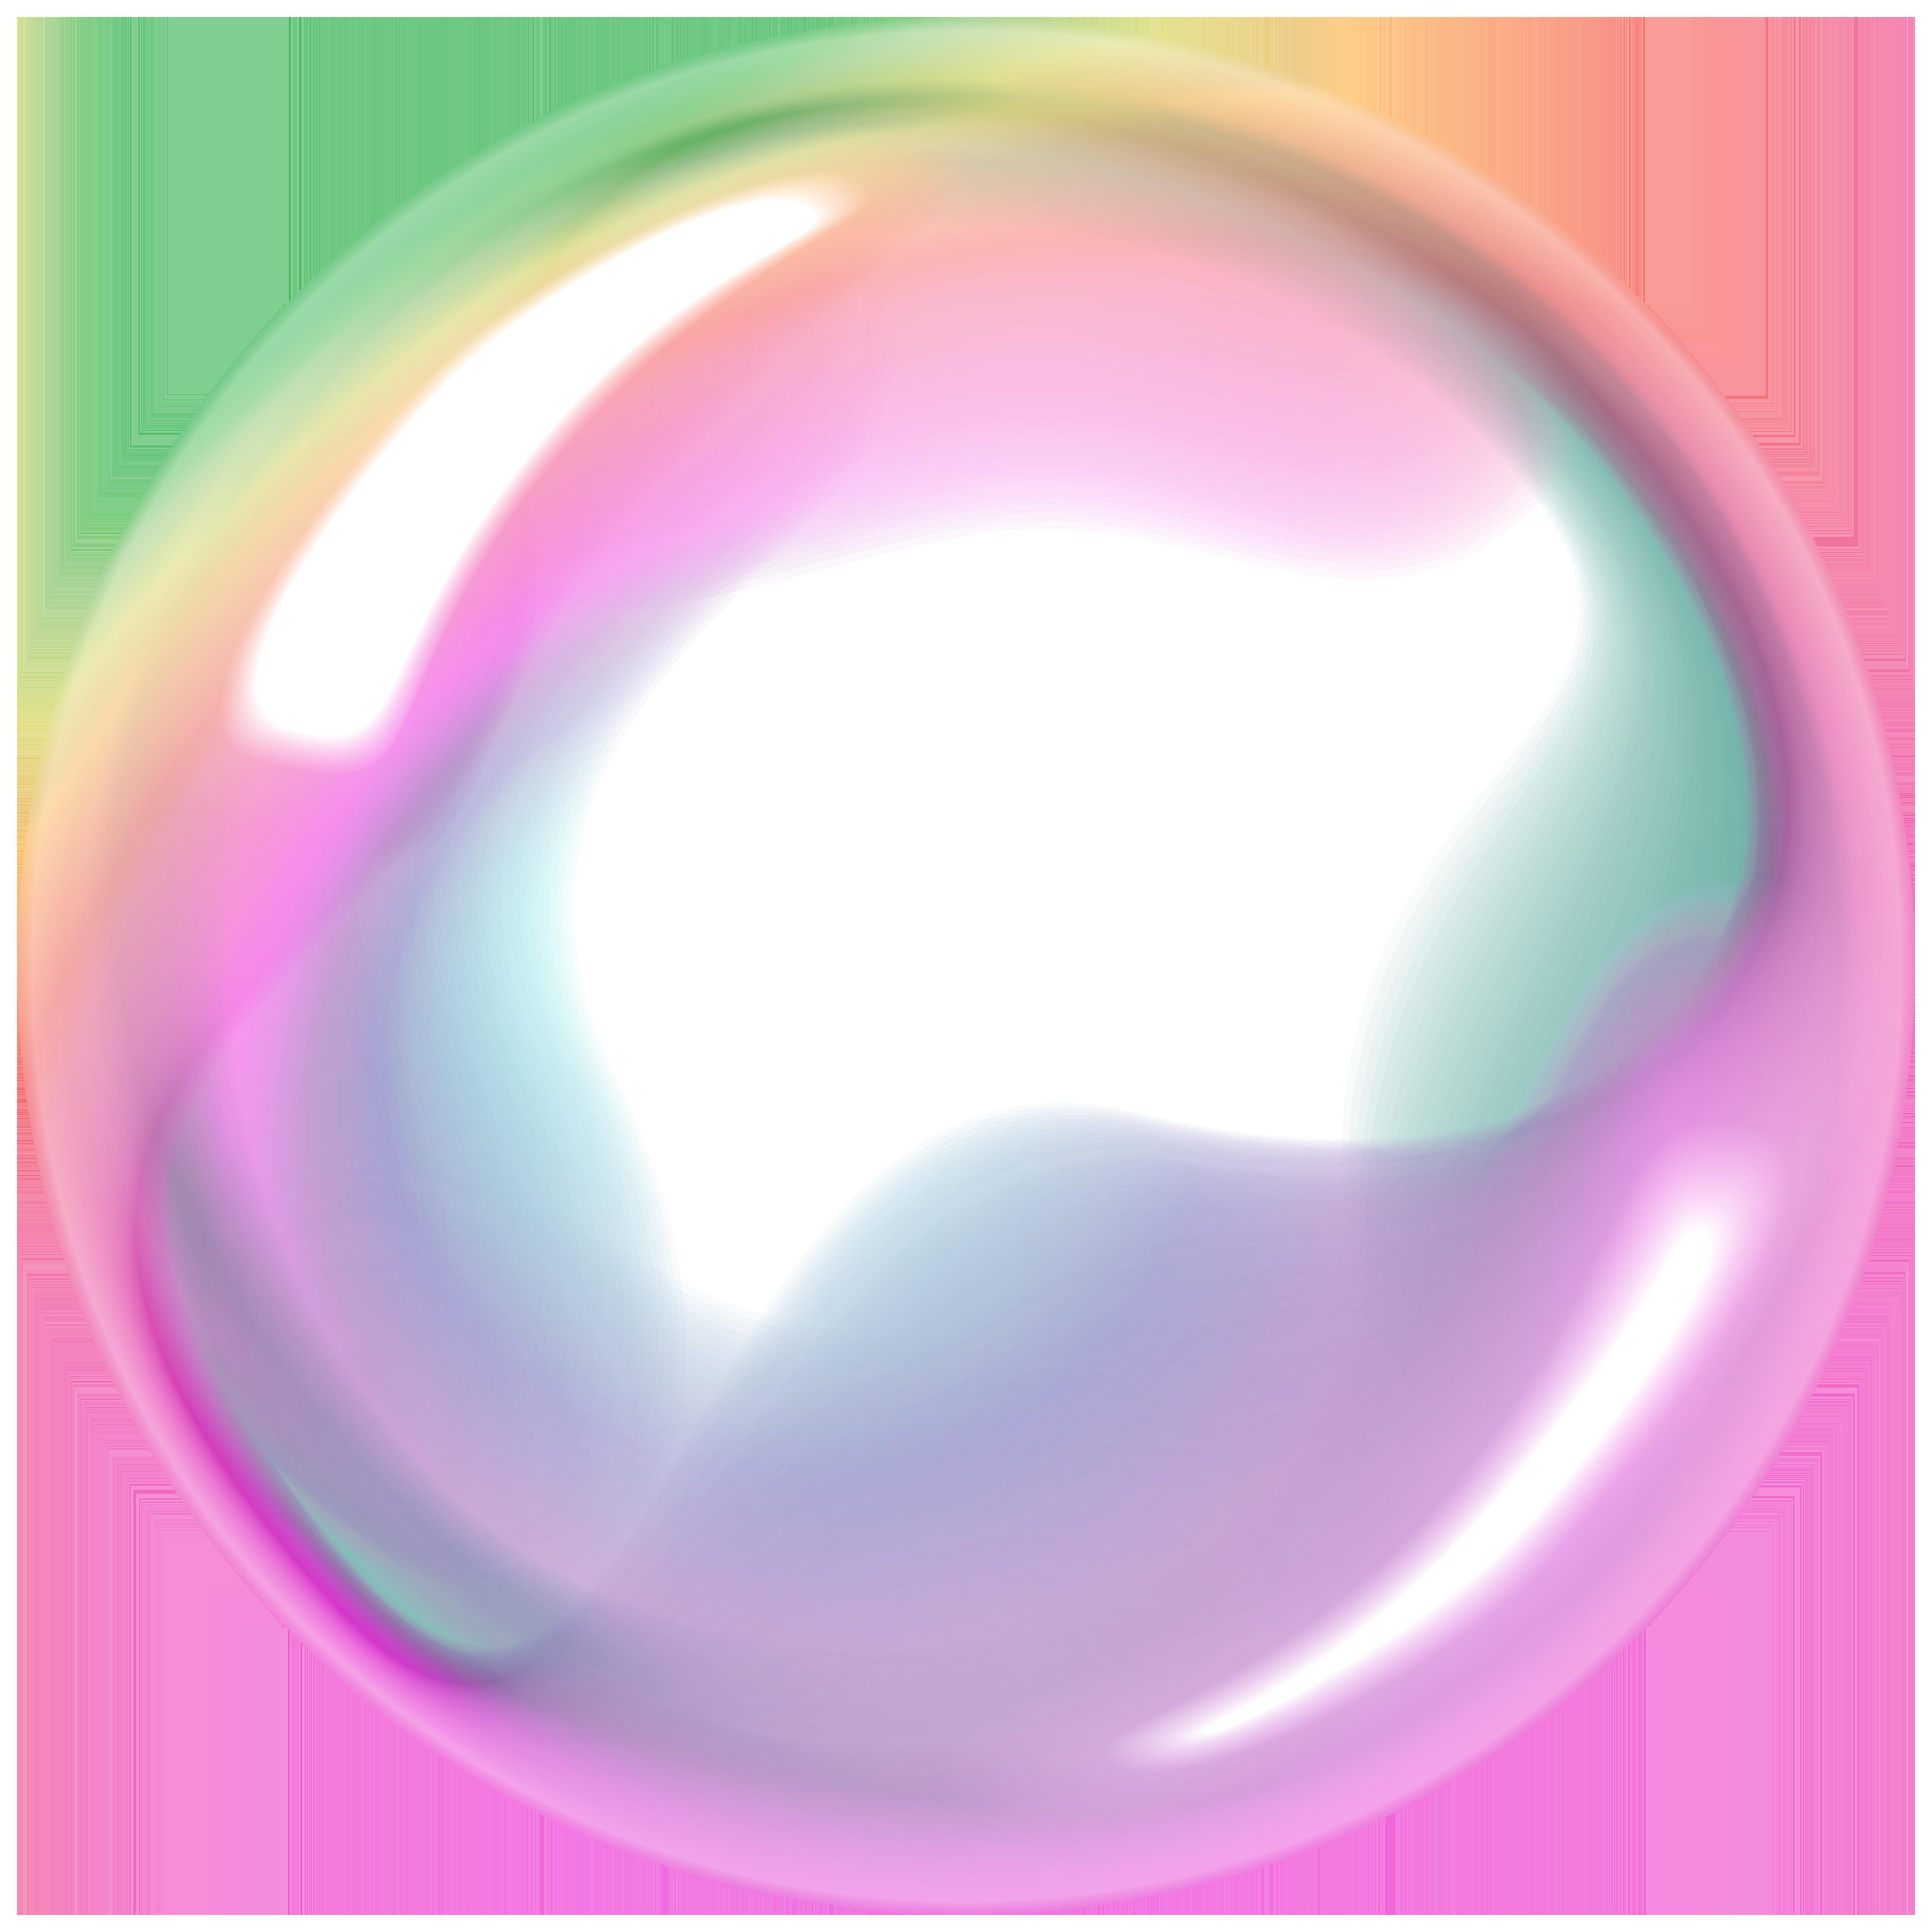 Clipart ocean bubbles. Bubble sphere png transparent